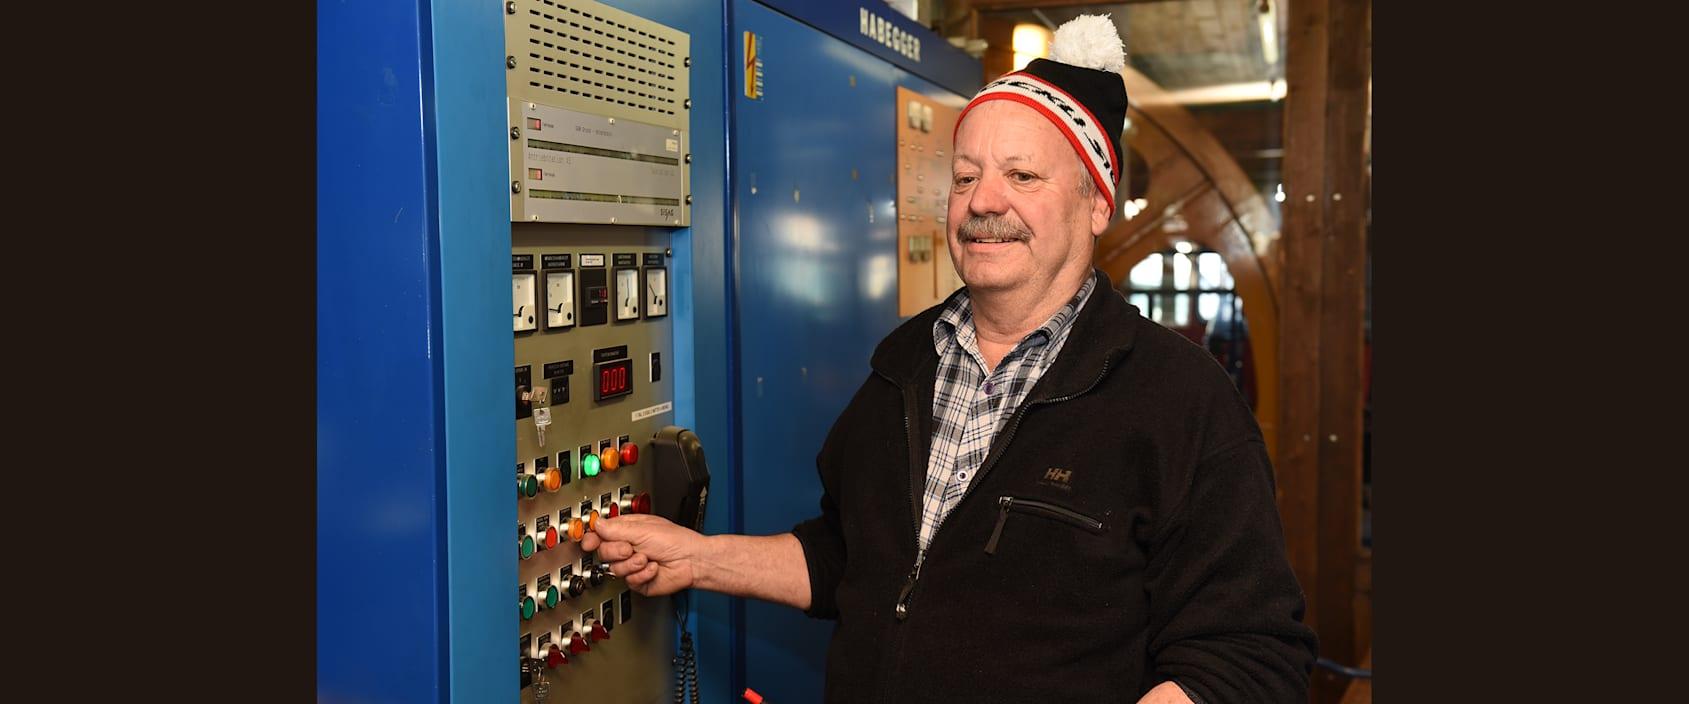 Christian Teuscher Mitarbeiter GGM stellt die Bahn ab und geht in Pension